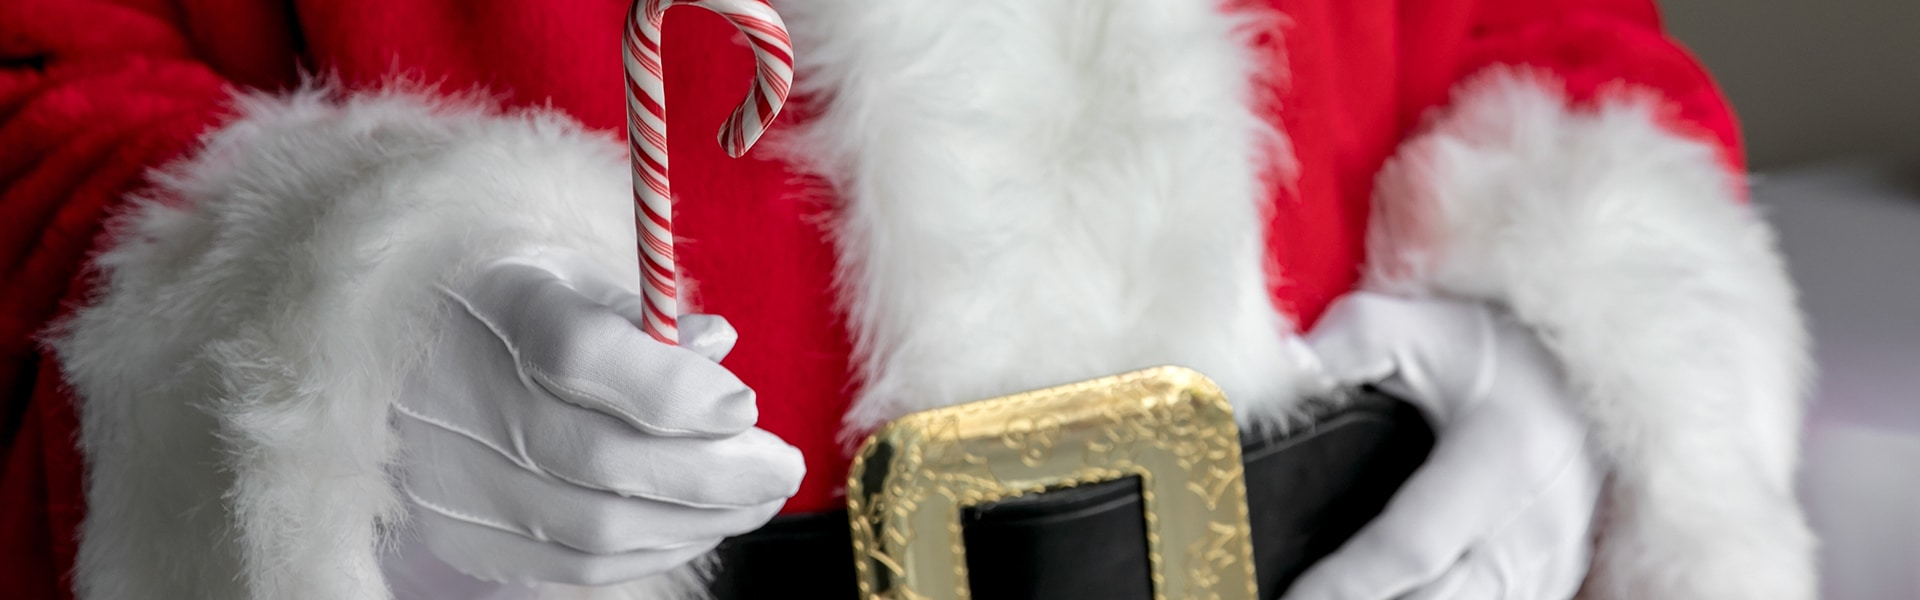 Santa Claus holding a candy cane Inn at Laurel Point Santa Claus Brunch